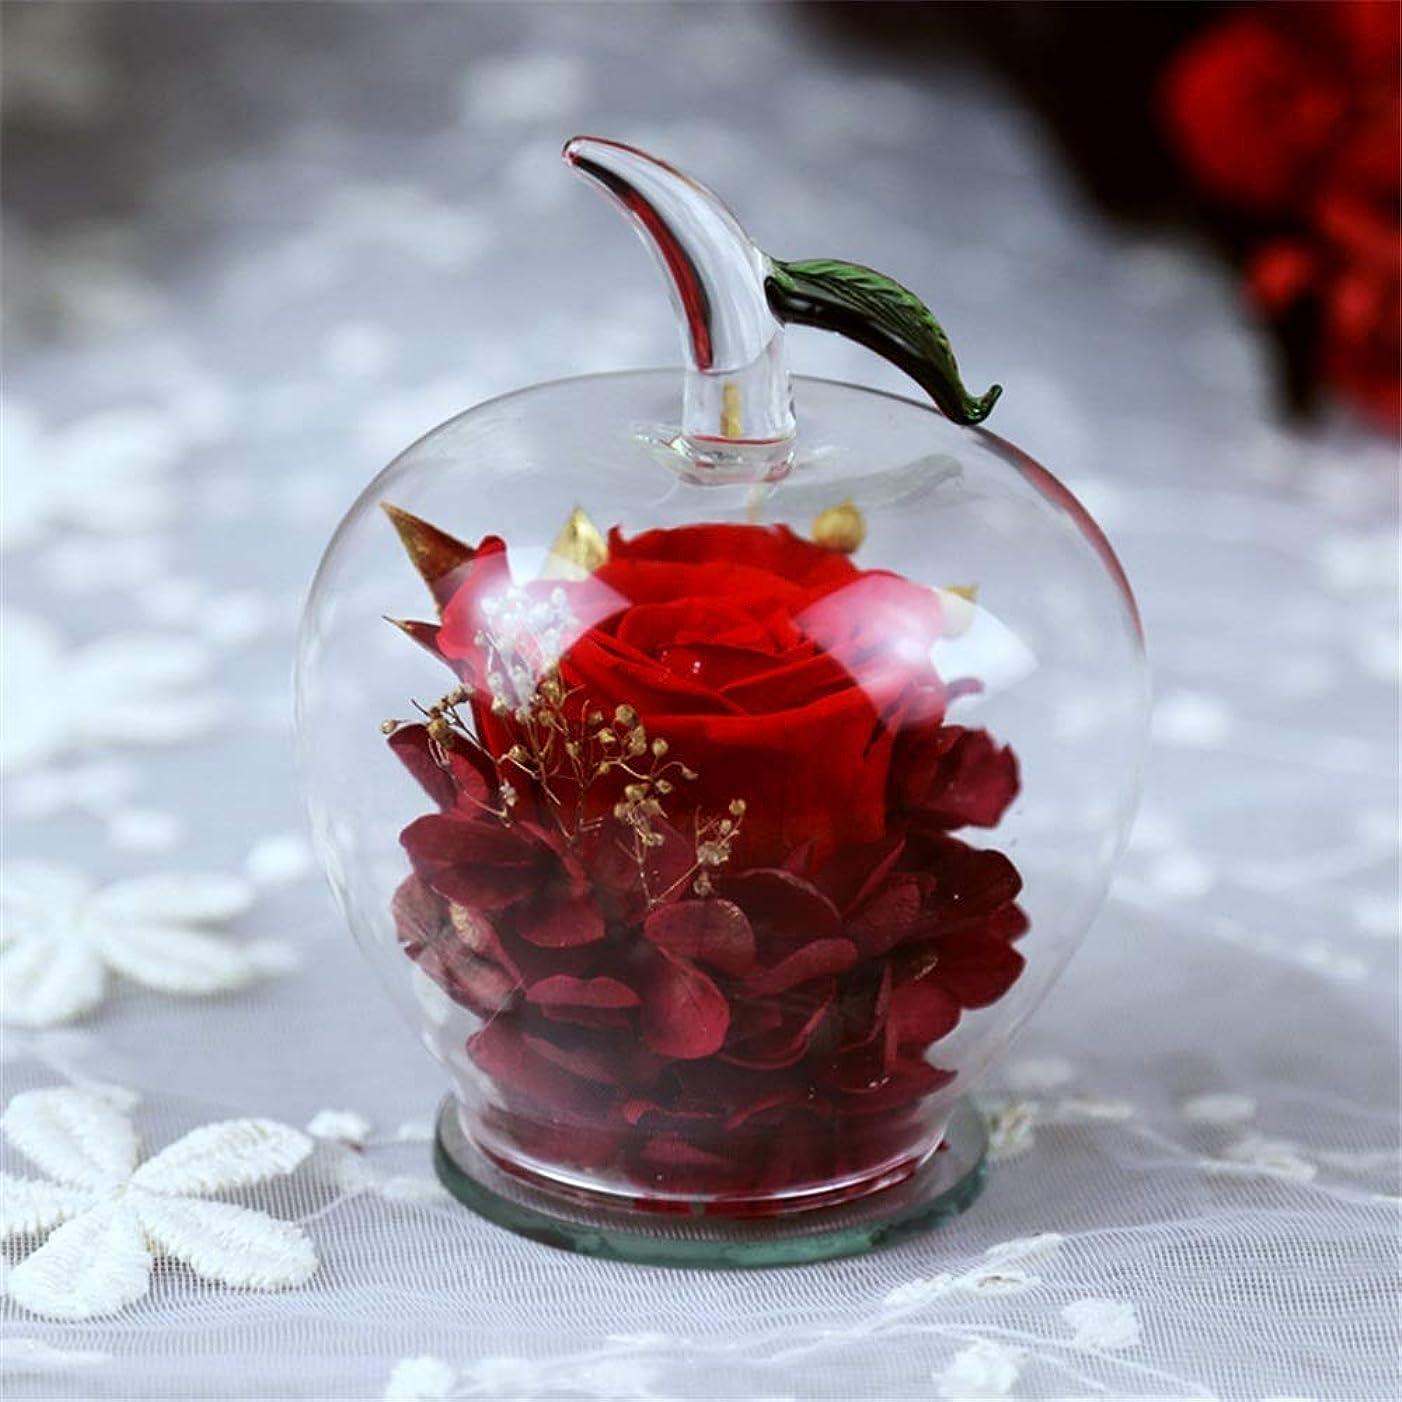 ホスト任意ペナルティ枯れない花 生花 バレンタインデー、母の日、誕生日のためにAppleの形のガラスの最高の贈り物で手作りプリザーブドフラワーローズインテリア ト入り 母の日、記念日などのプレゼントに最適 (色 : 赤, サイズ : 9.5x10.5cm)